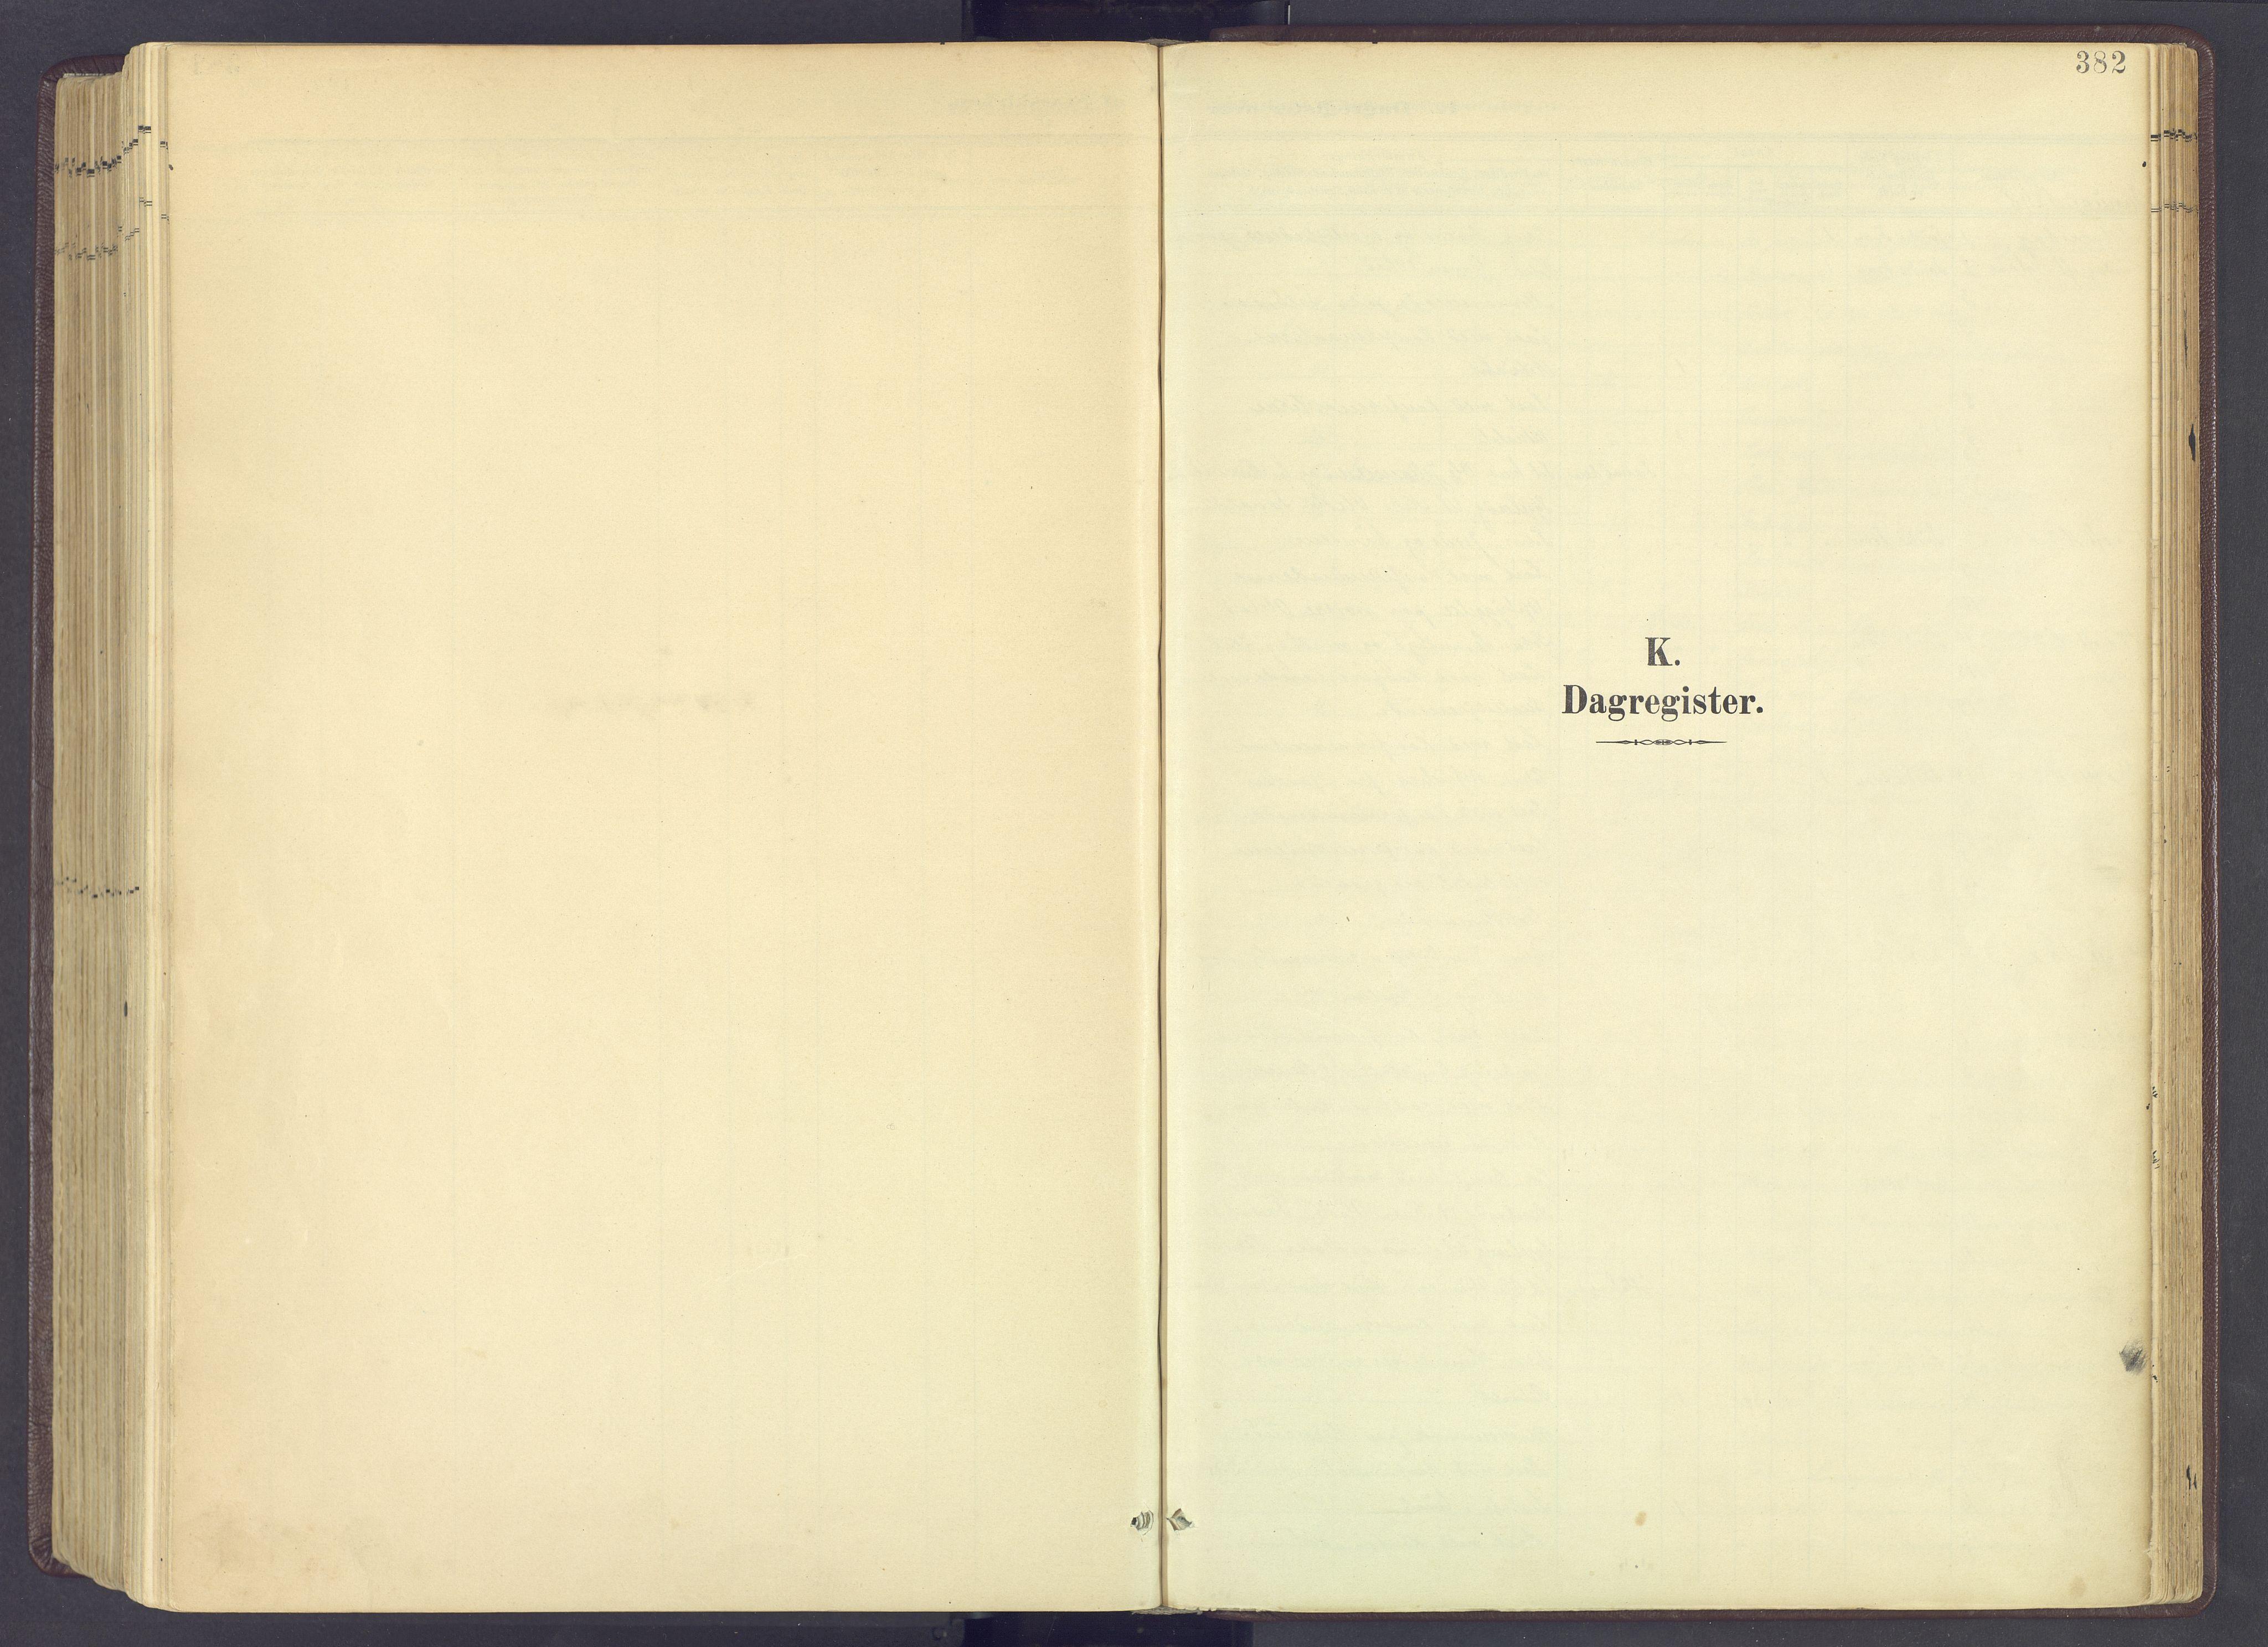 SAH, Sør-Fron prestekontor, H/Ha/Haa/L0004: Ministerialbok nr. 4, 1898-1919, s. 382